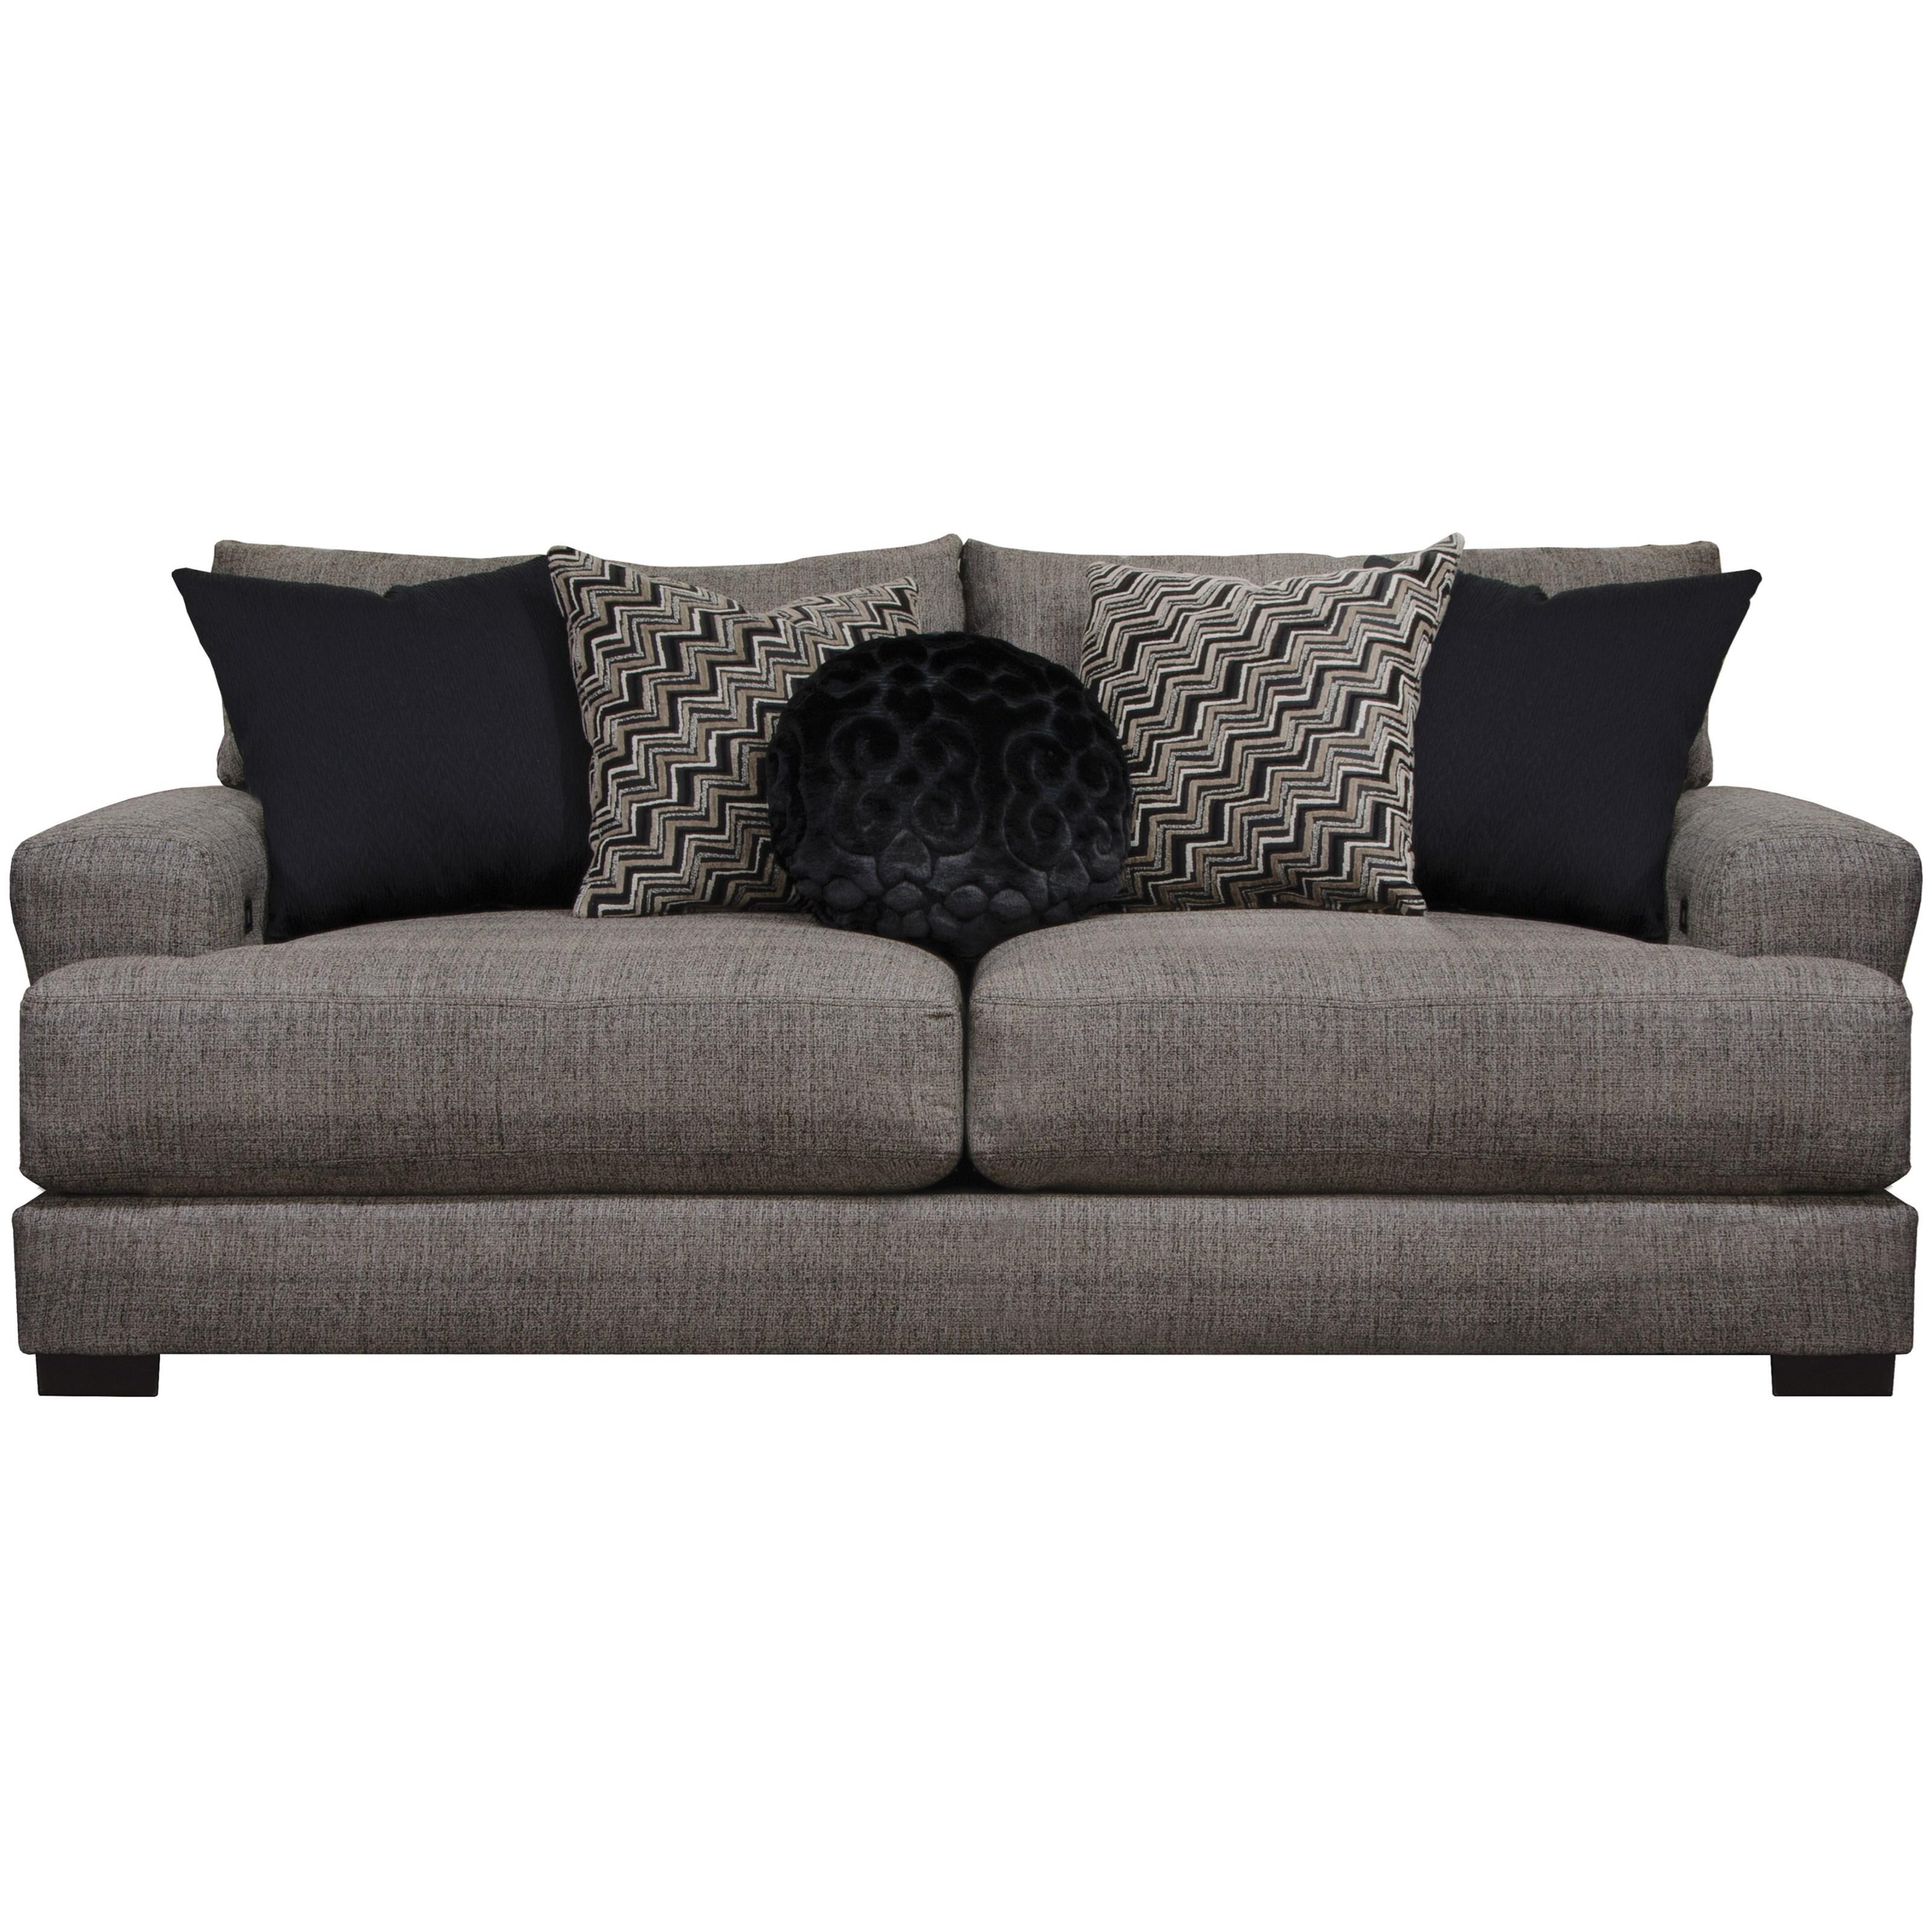 Jackson Furniture AvaSofa